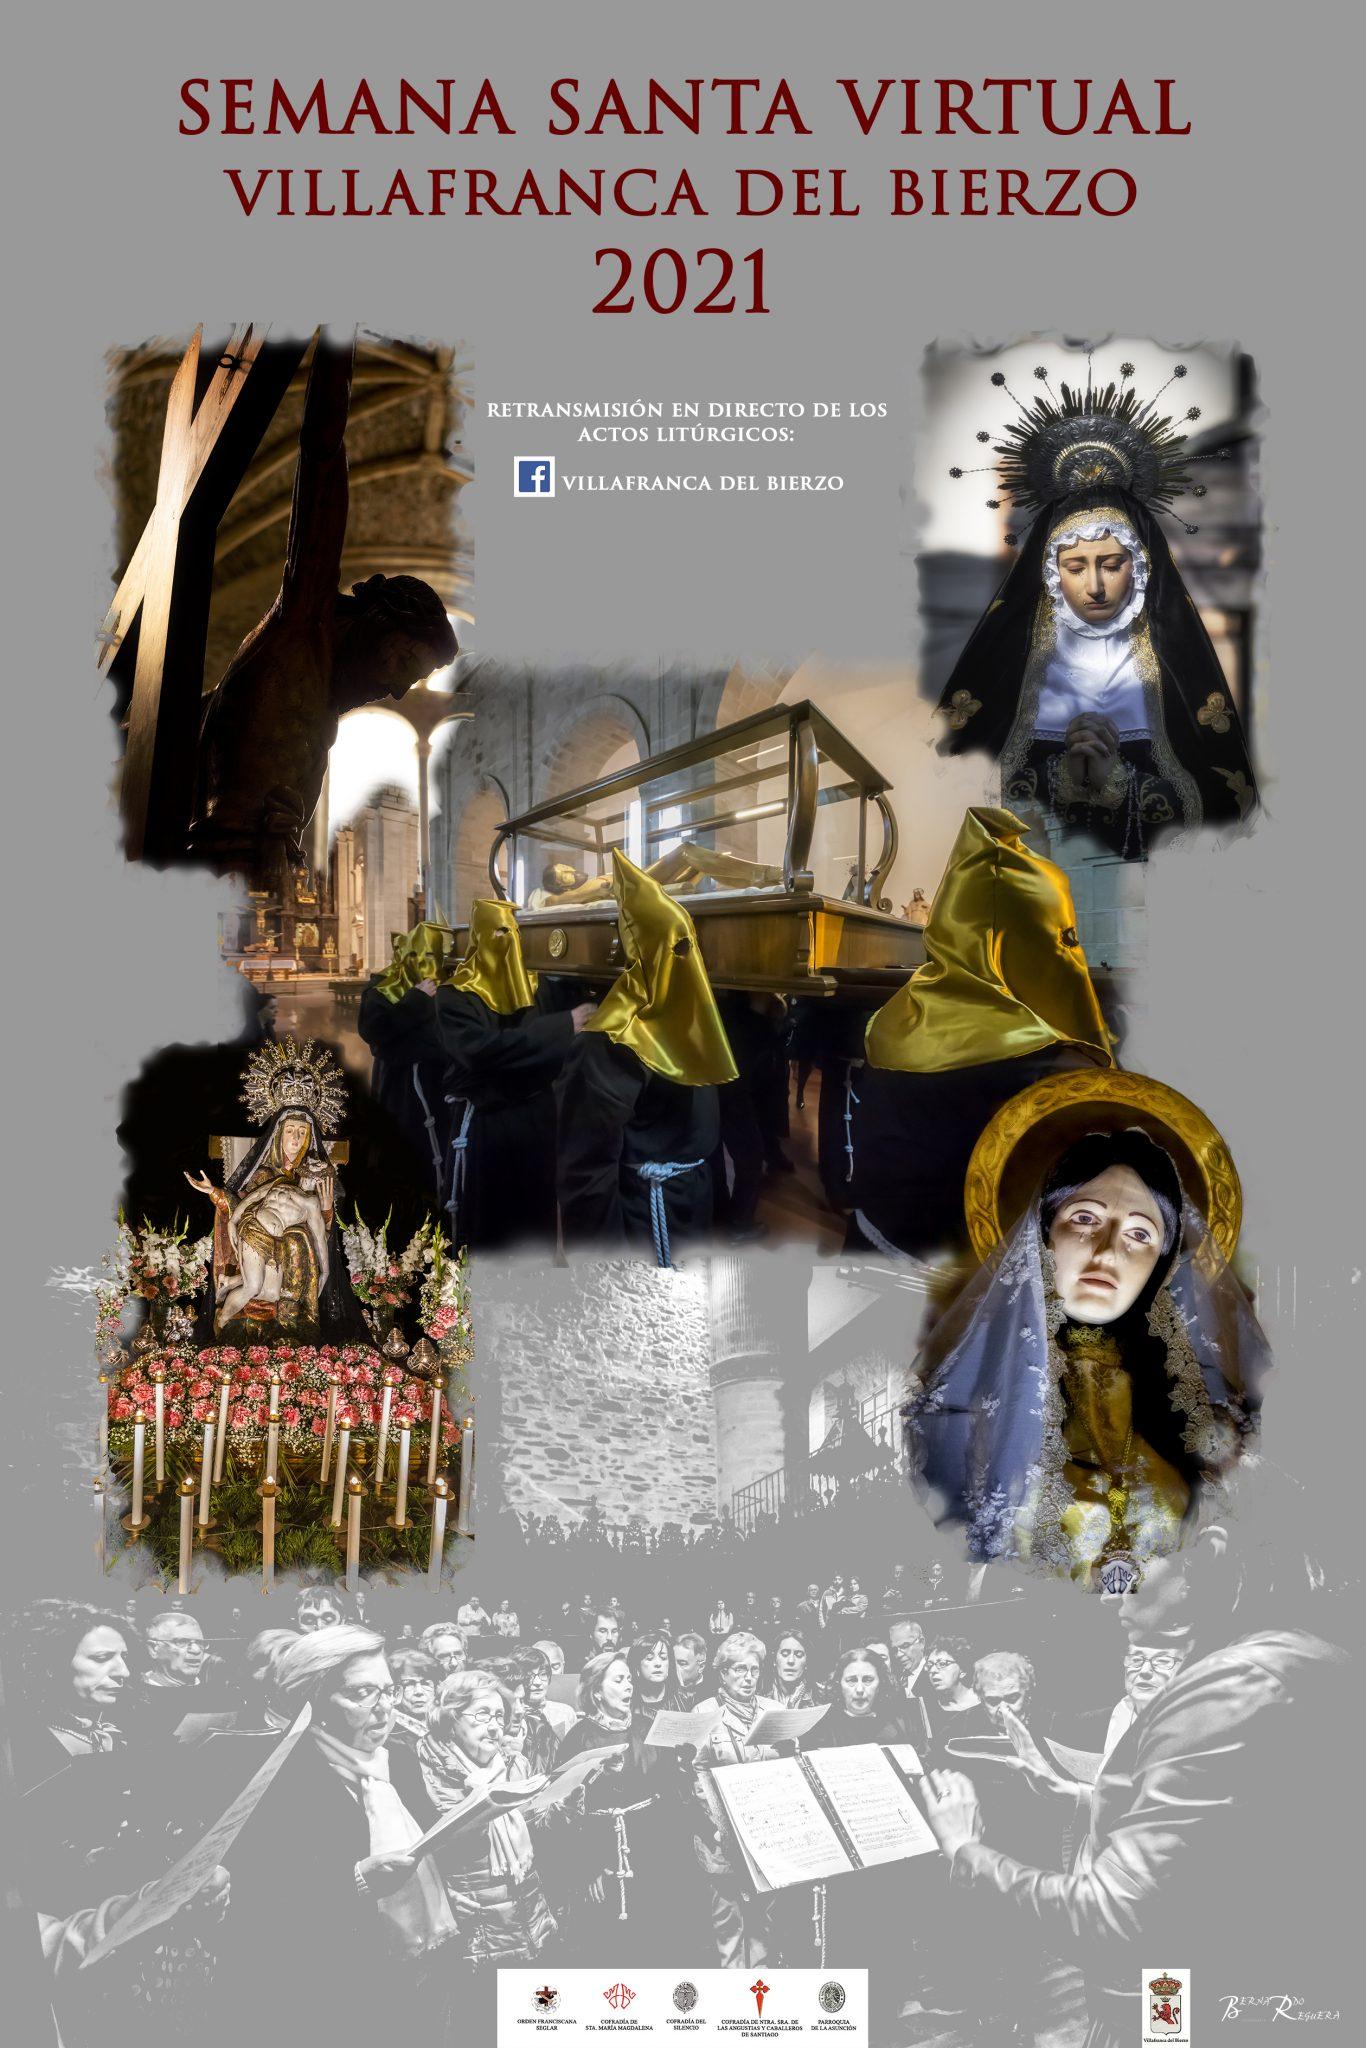 Villafranca del Bierzo vuelve a vivir su histórica Semana Santa de manera virtual 2